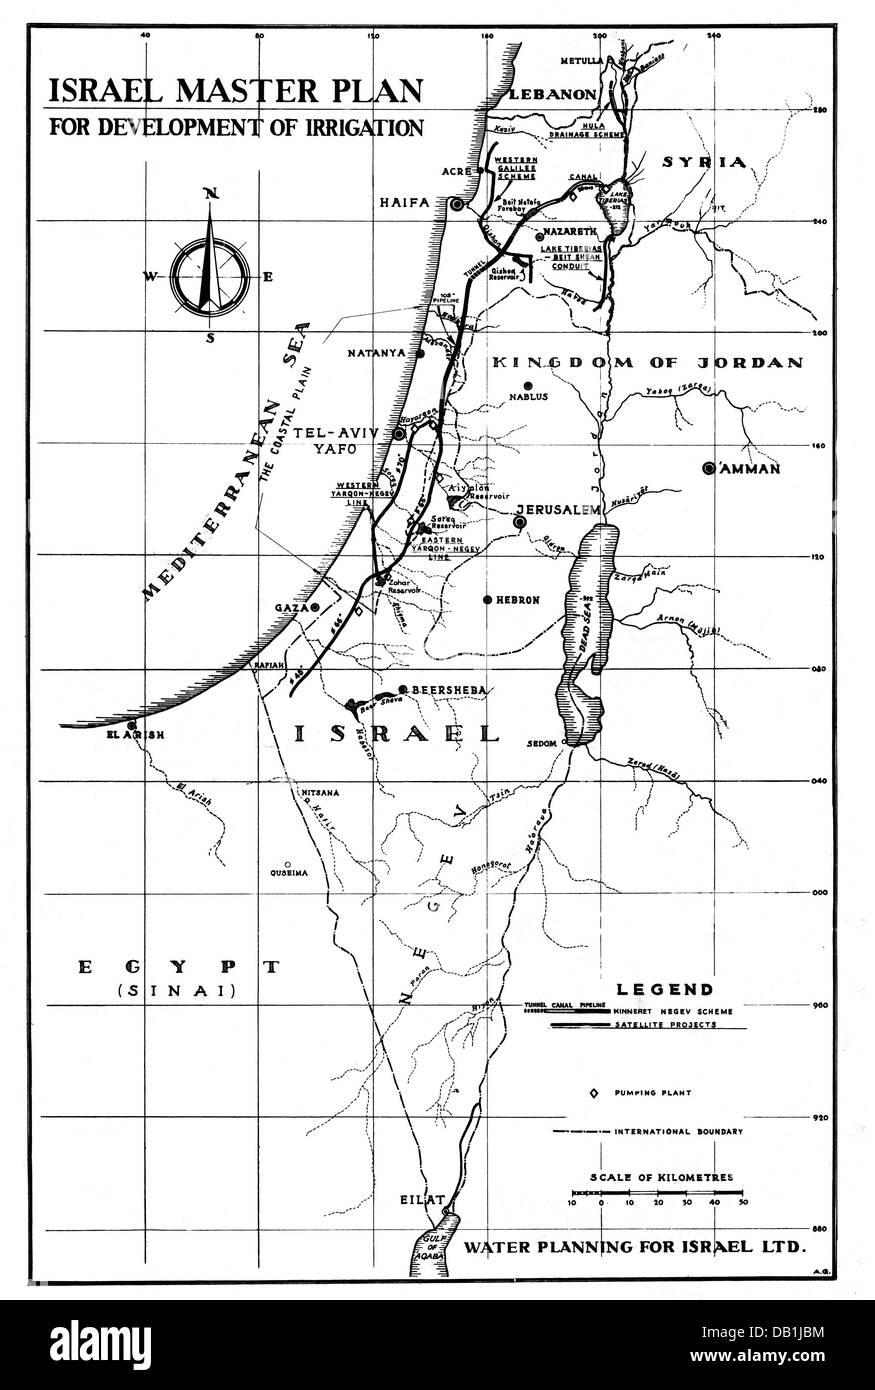 Géographie / voyage, Israël, agriculture, concept pour la construction de canalisations d'eau pour l'irrigation, années 1960, droits additionnels-Clearences-non disponible Banque D'Images